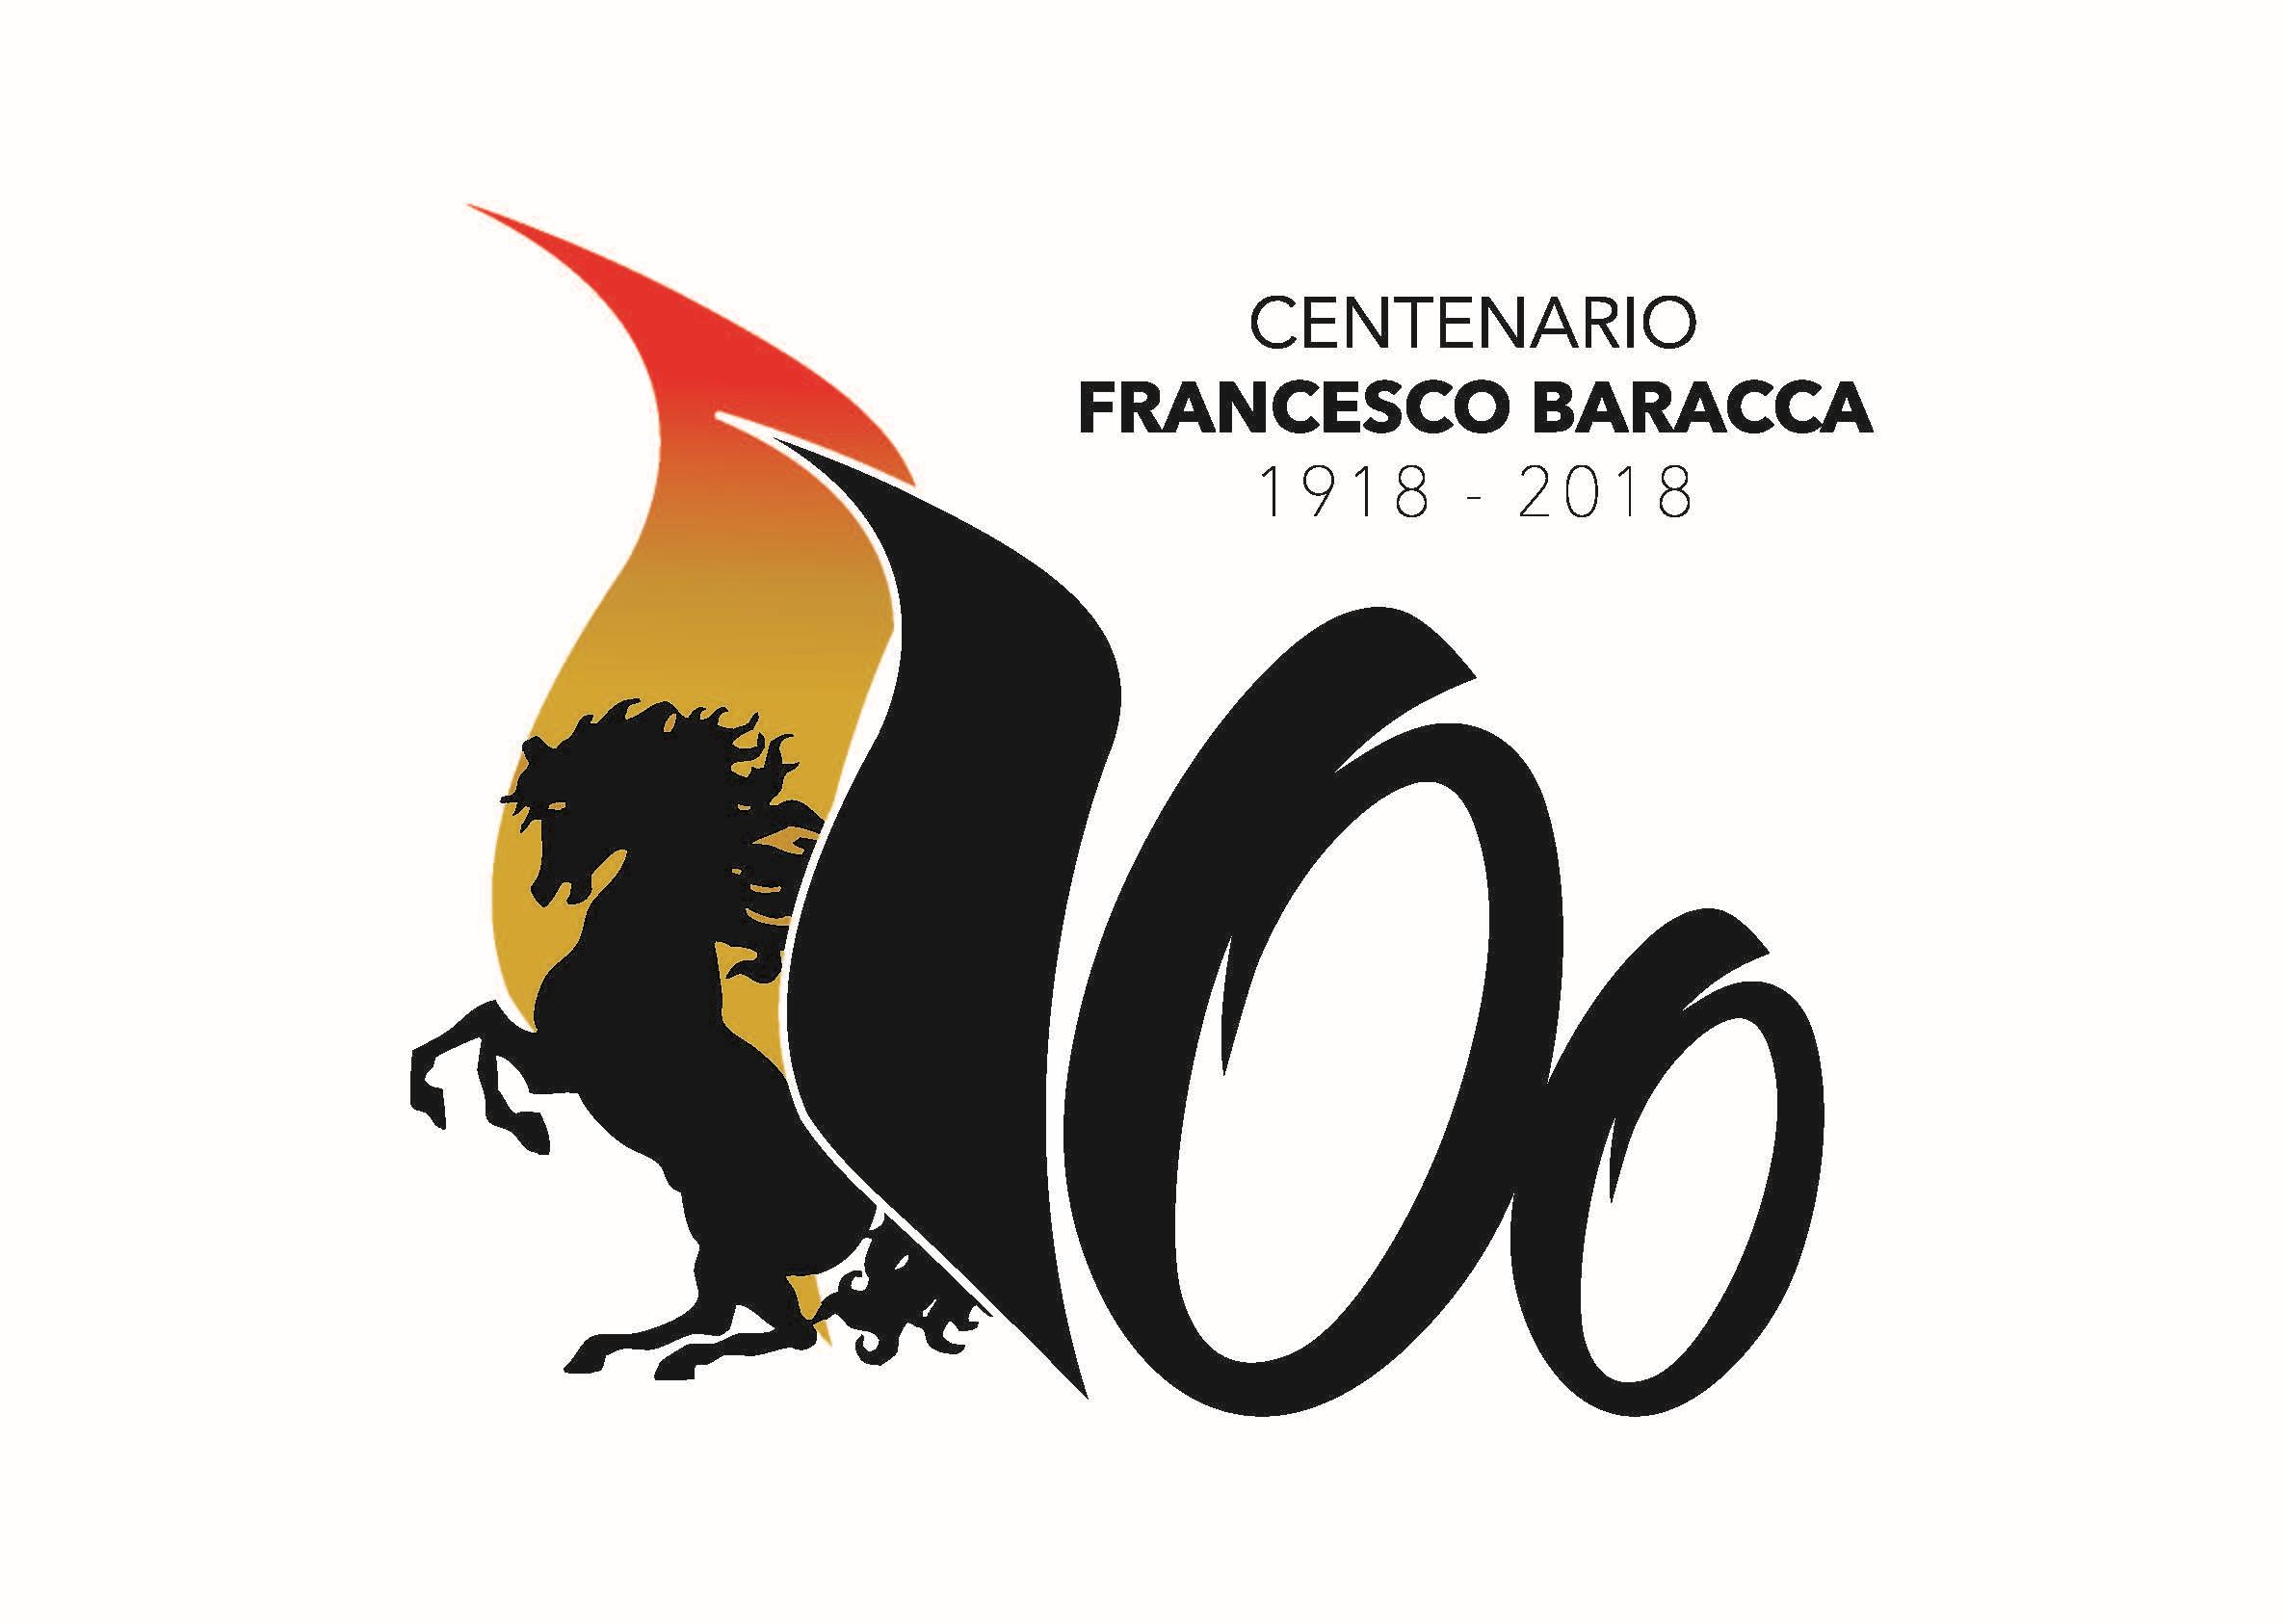 [ParlamiditER] Lugo rende omaggio a Francesco Baracca, l'asso dei cieli